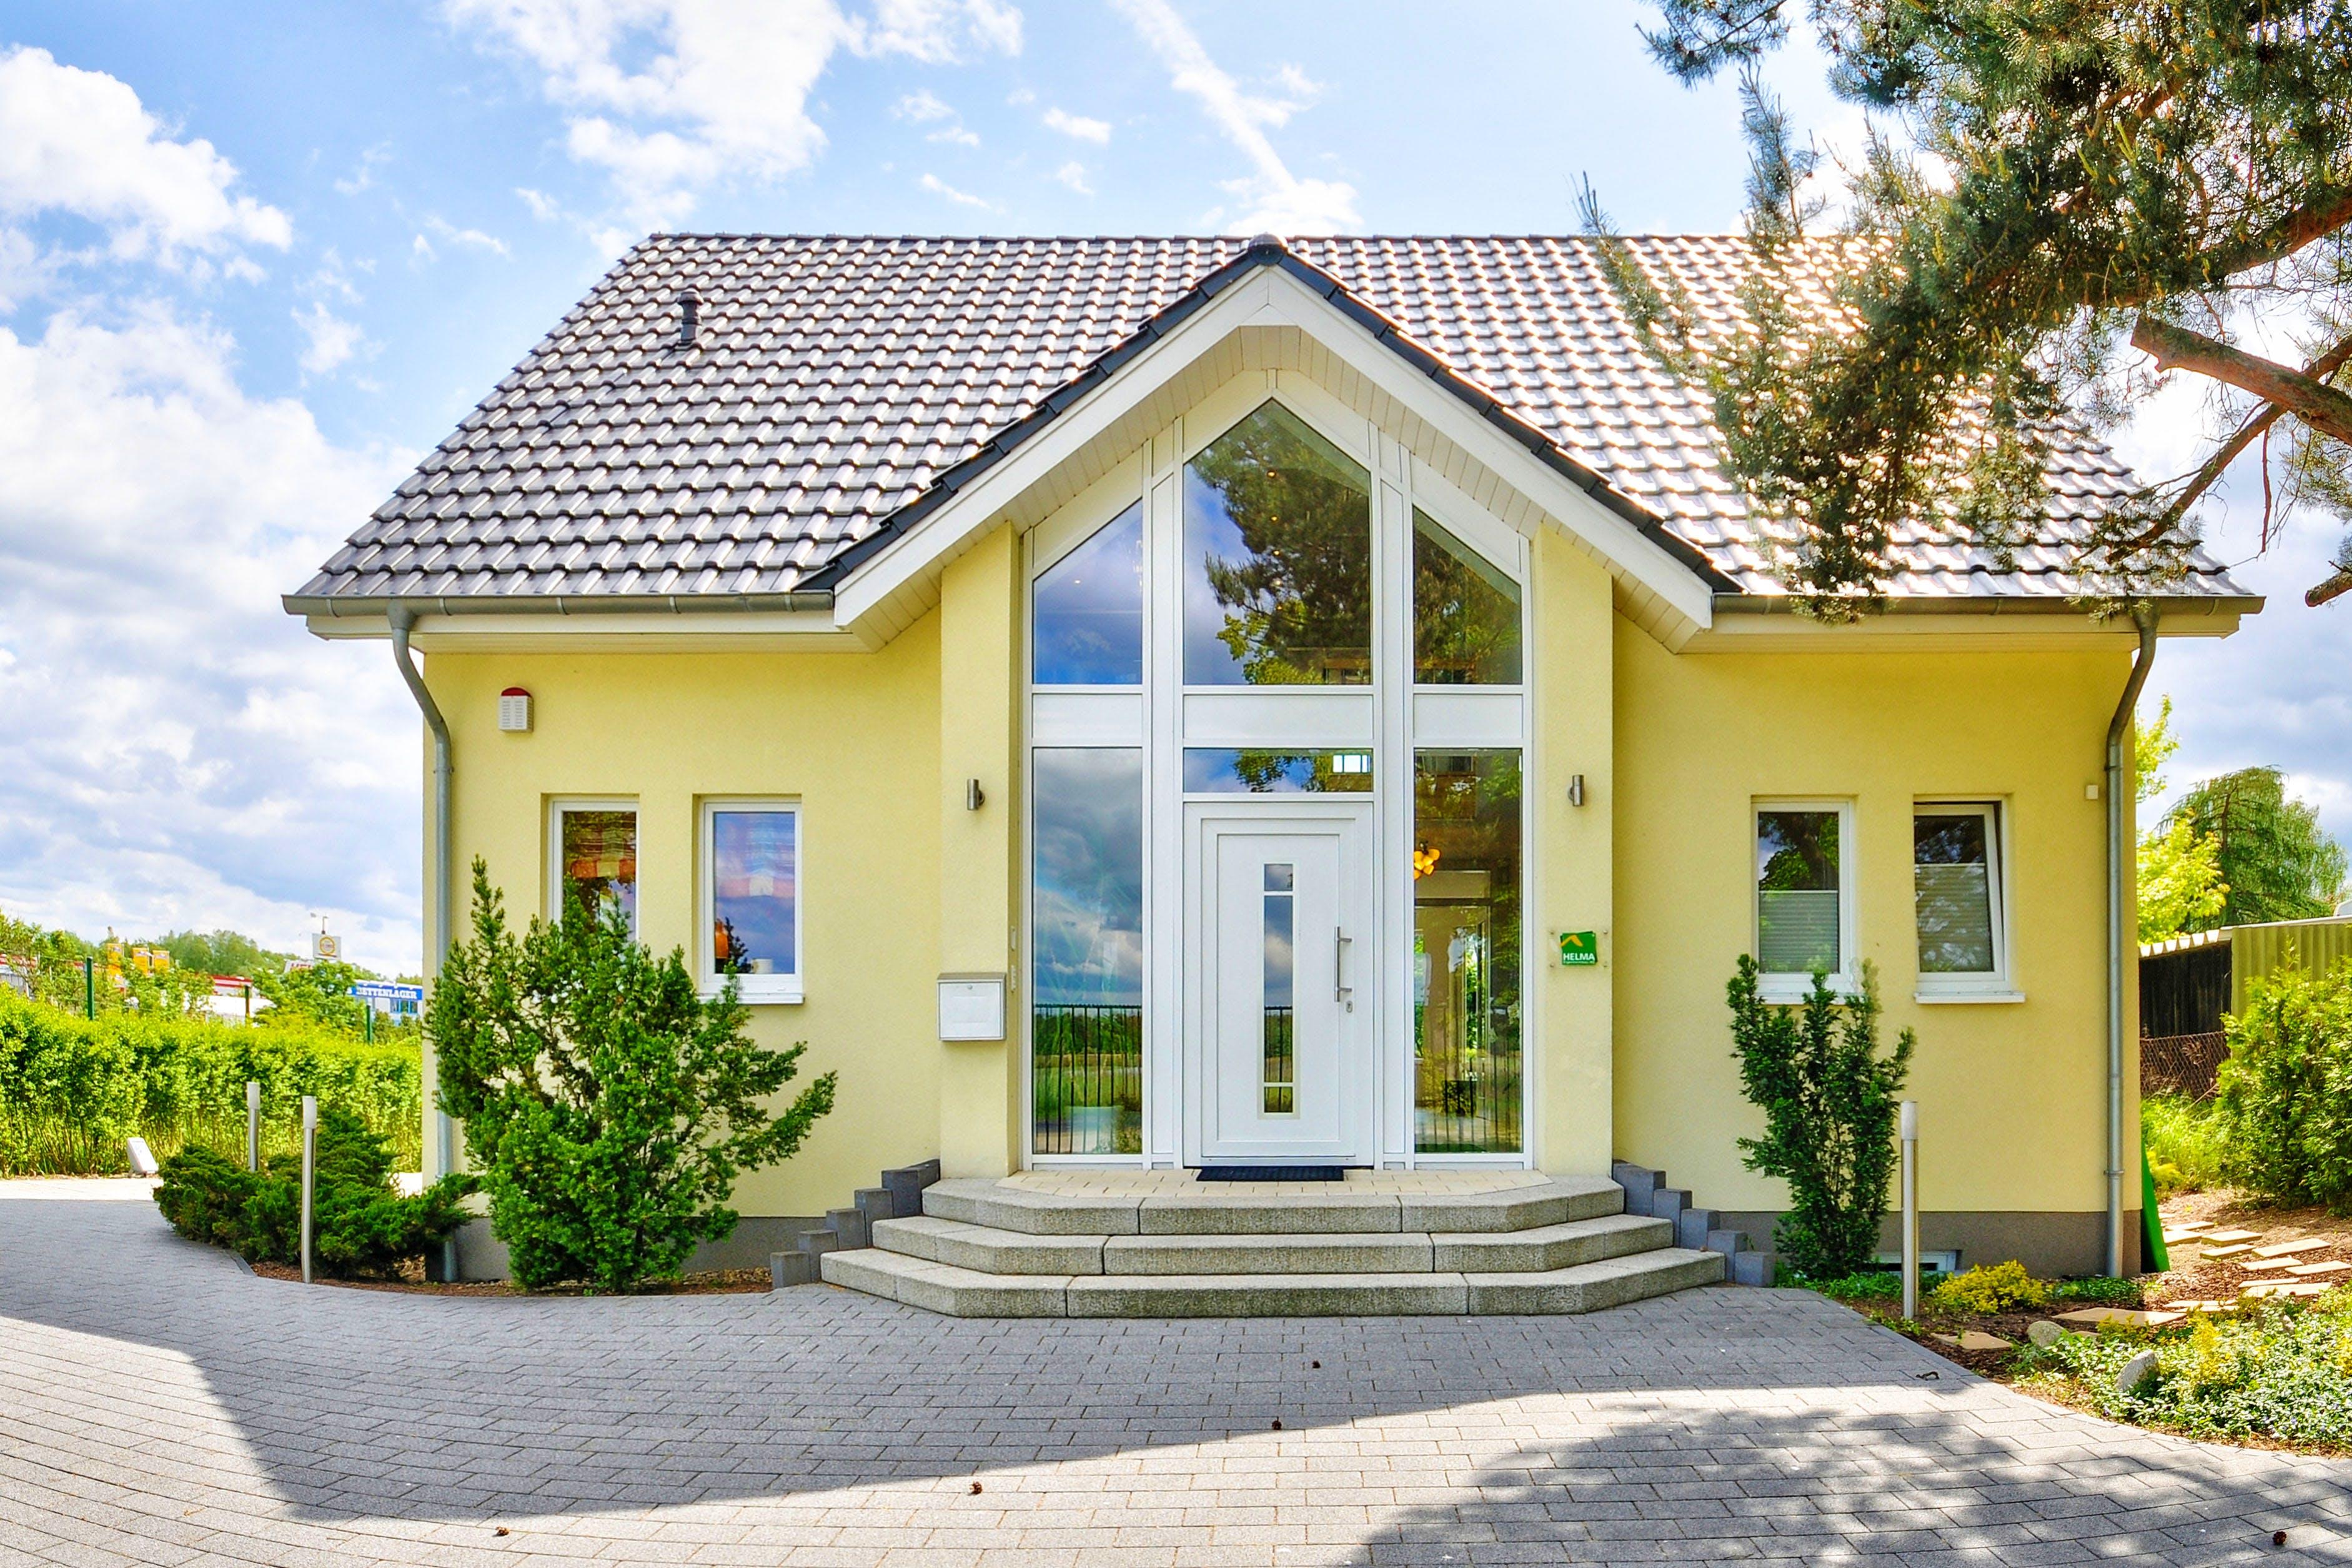 Nordischer Hausstil ➔ Häuser   Preise   Anbieter   Infos